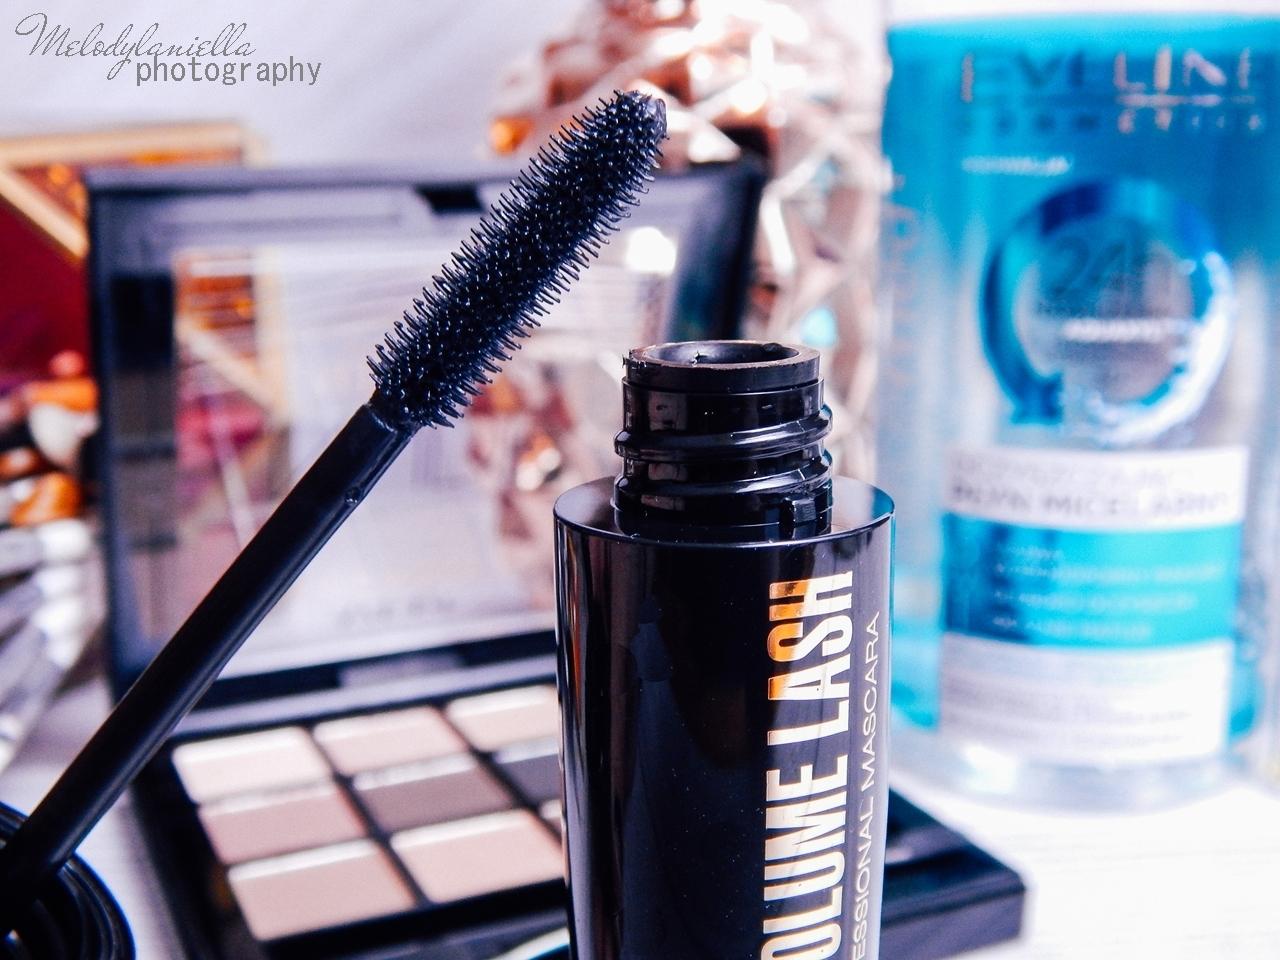 6 eveline cosmetics nude all in one eyeshadow palette melodylaniella recenzja cienie do powiek paletka cieni mascara big volume lash eye shadow base baza pod cienie oczyszczający płyn micelarny test